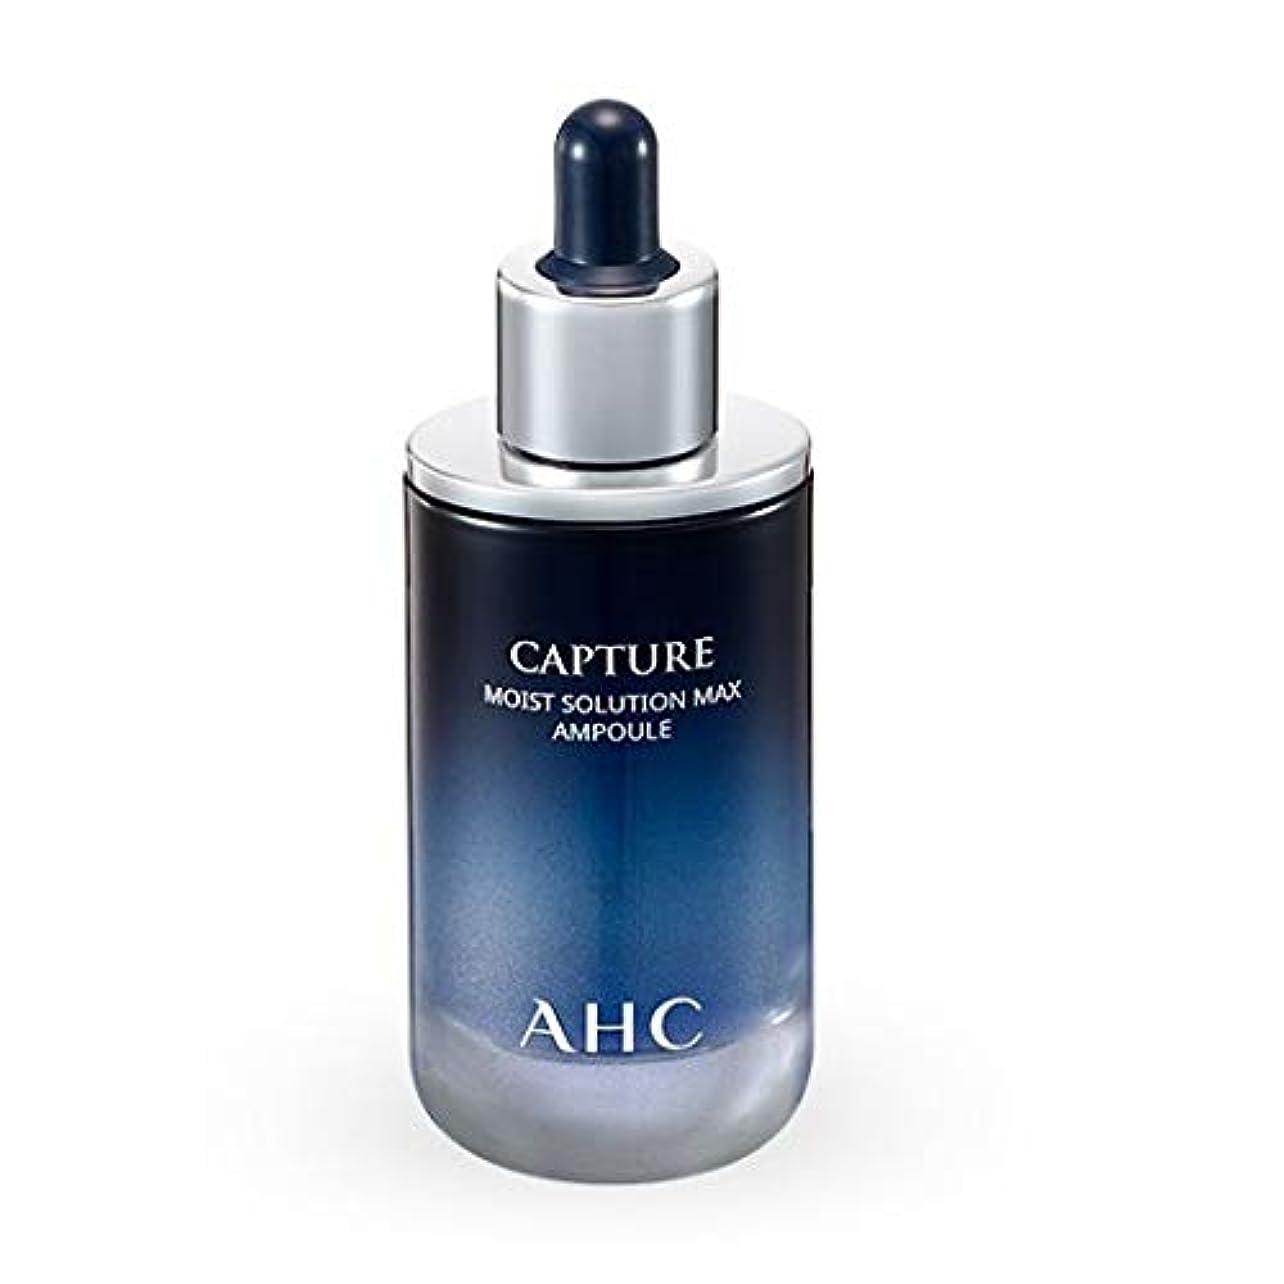 設置百曲がったAHC Capture Moist Solution Max Ampoule/キャプチャー モイスト ソリューション マックス アンプル 50ml [並行輸入品]